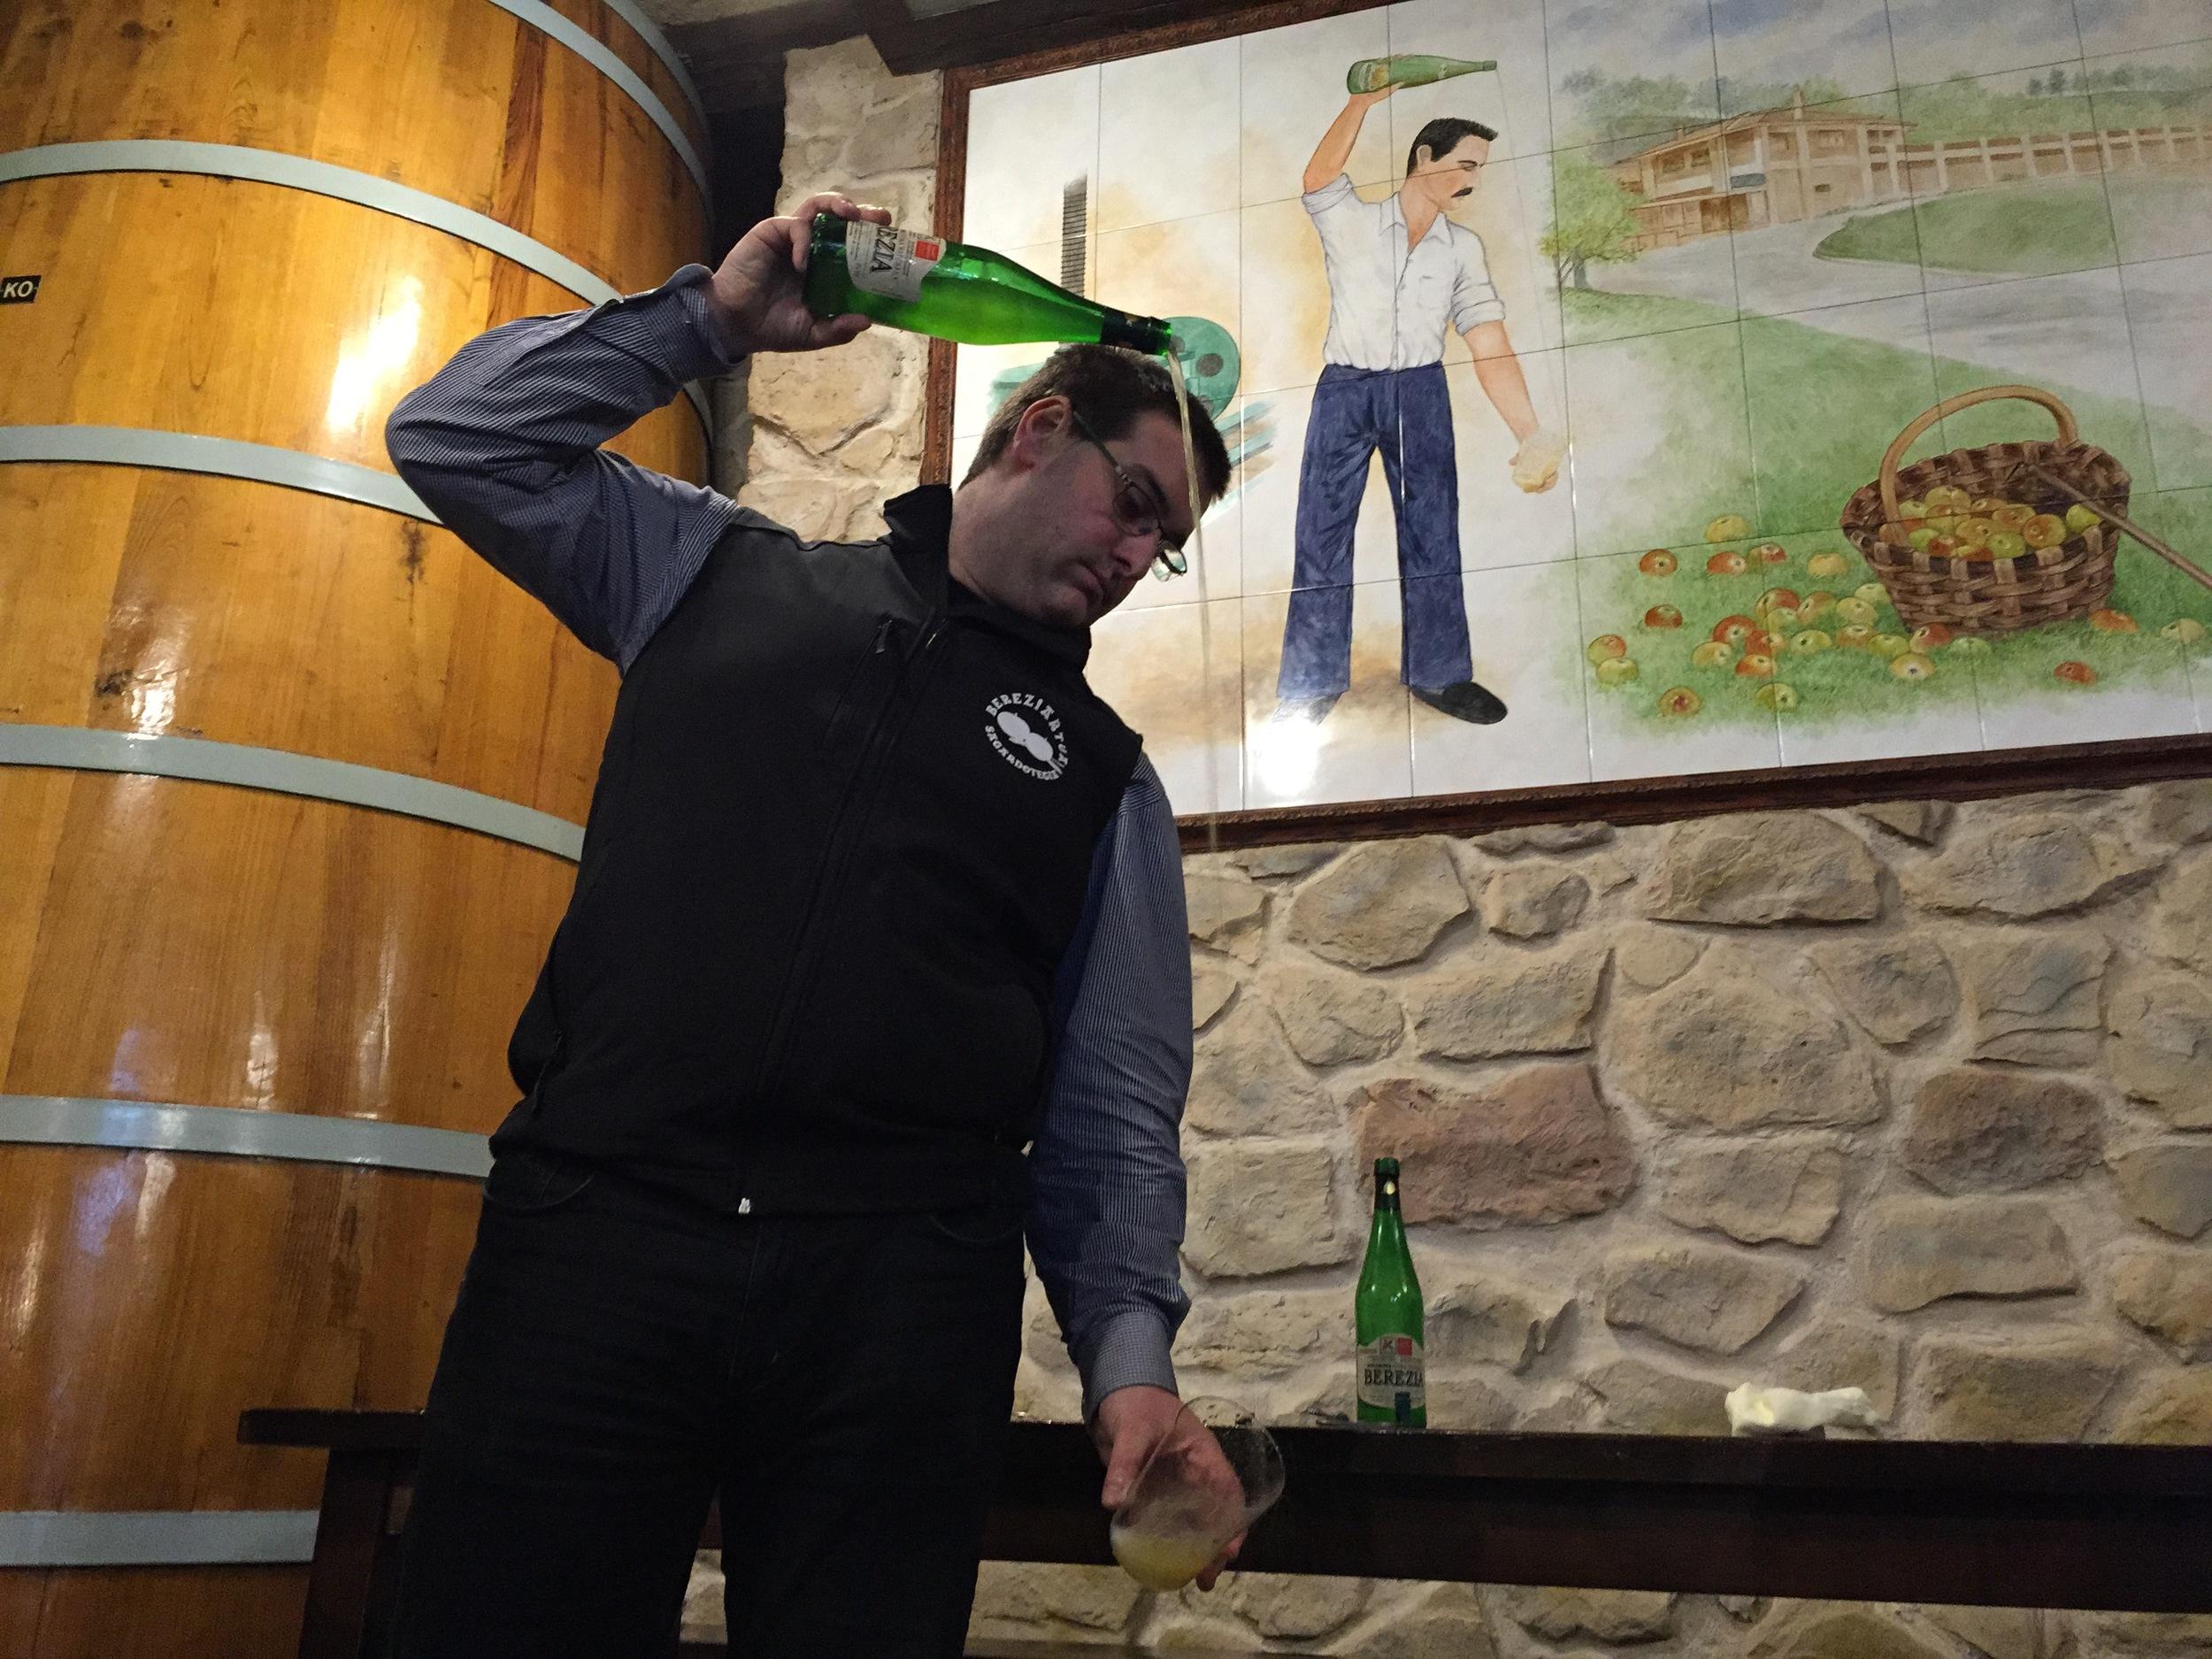 Fourth generation cider maker, Aitor Bereziartua, demonstrates his escanciar technique.